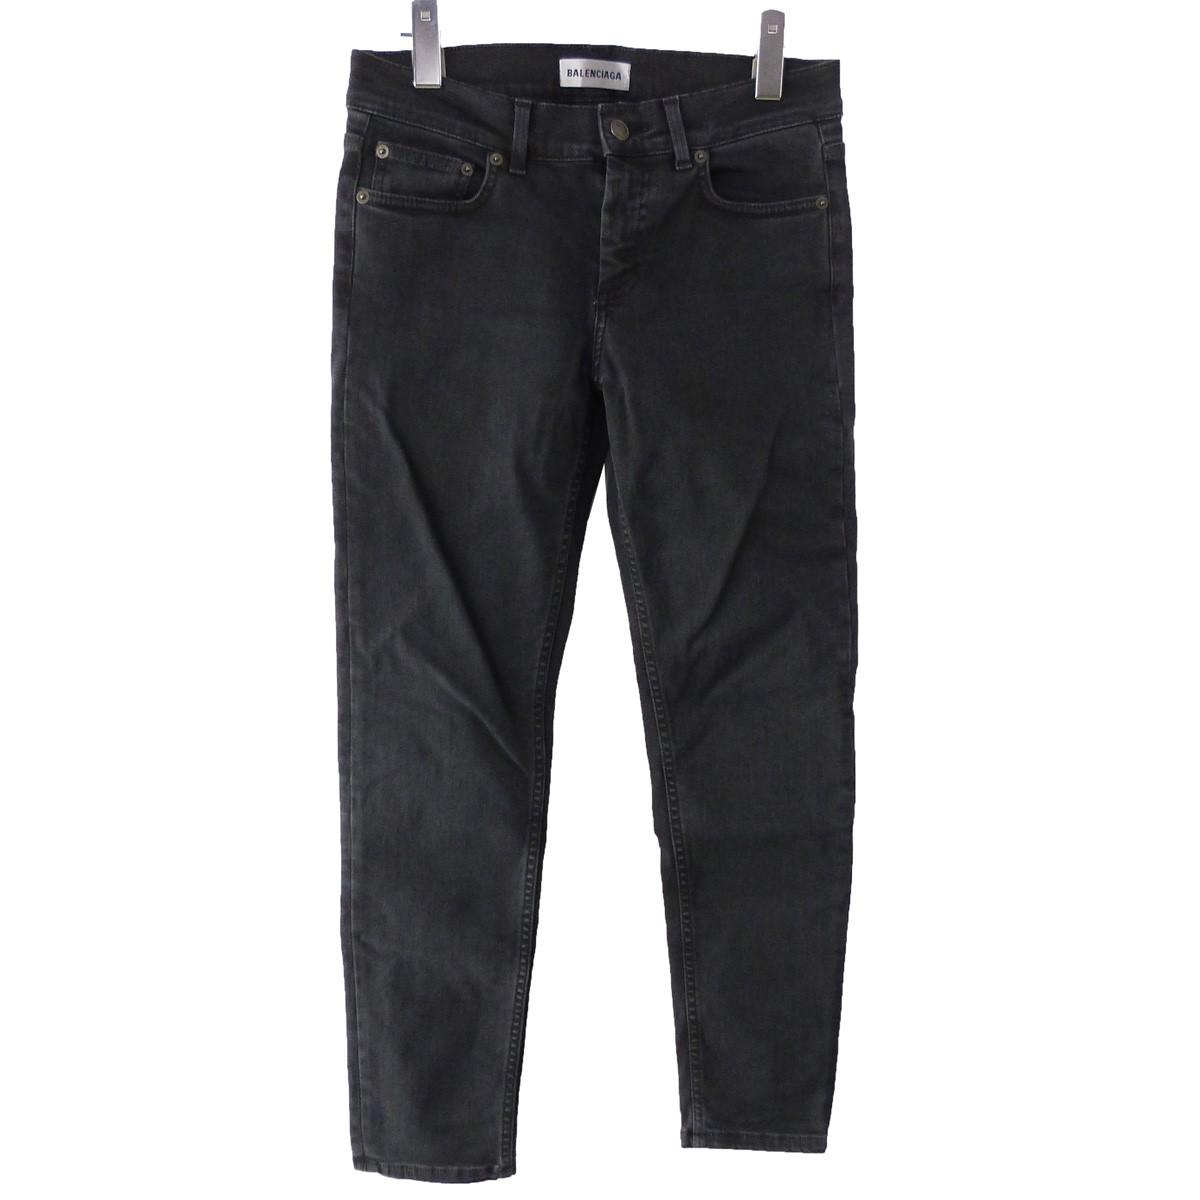 【中古】BALENCIAGA 19SS ストレートスキニーデニムパンツ ブラック サイズ:34 【220320】(バレンシアガ)